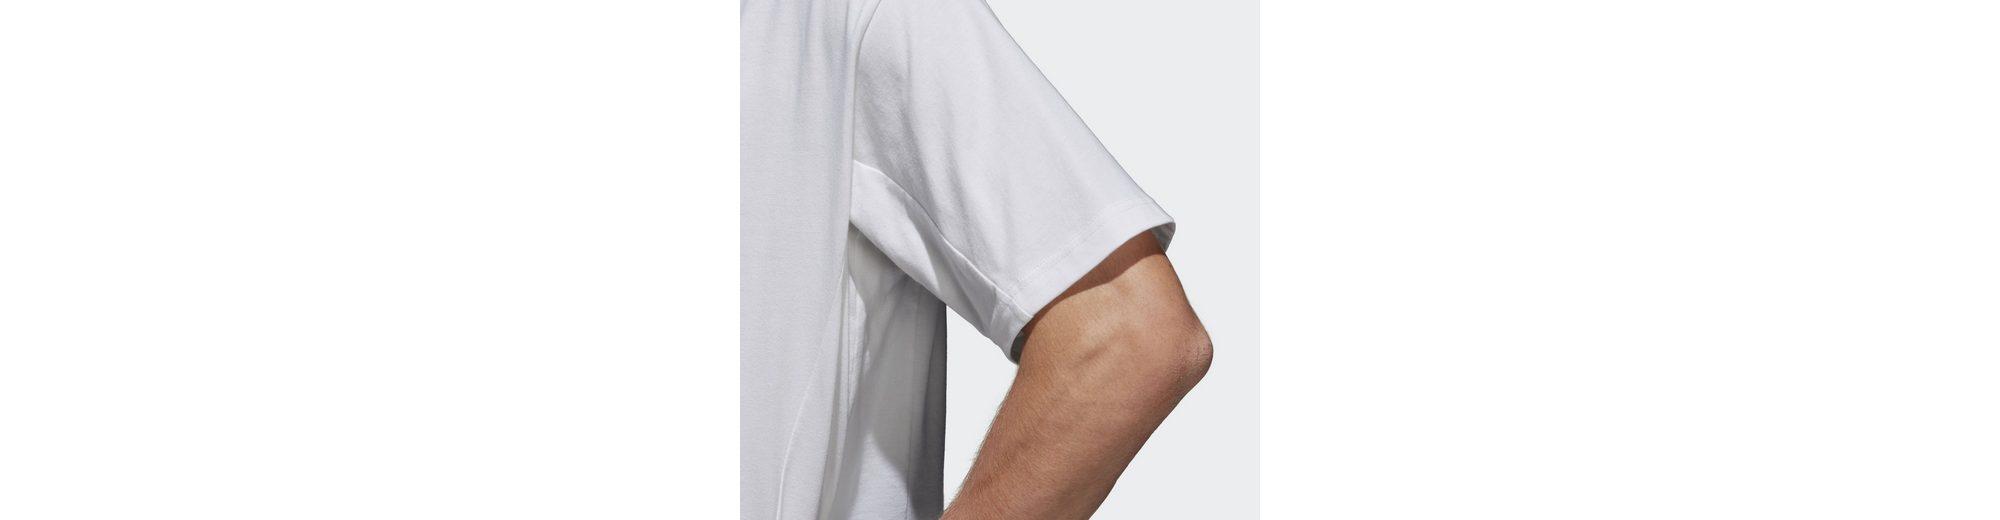 adidas Originals T-Shirt XbyO T-Shirt Billig Verkauf Kosten Spielraum Erhalten Zu Kaufen Spielraum Online-Shop Kostenloser Versand Zu Kaufen CZg9R